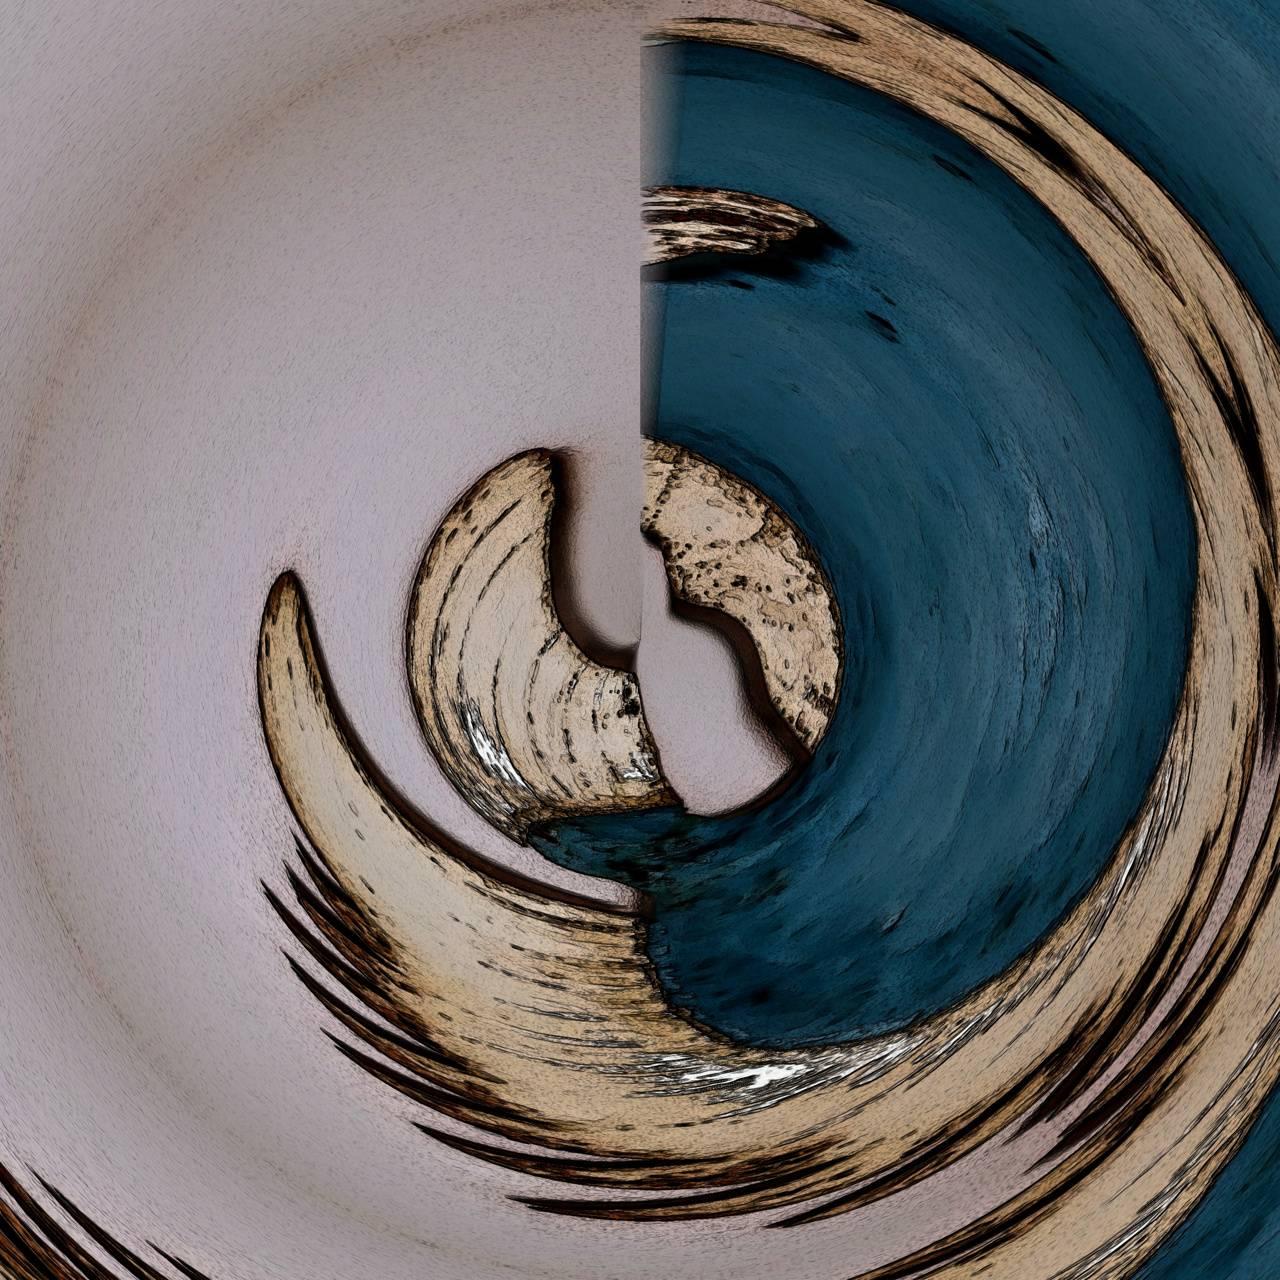 Whirleyfish